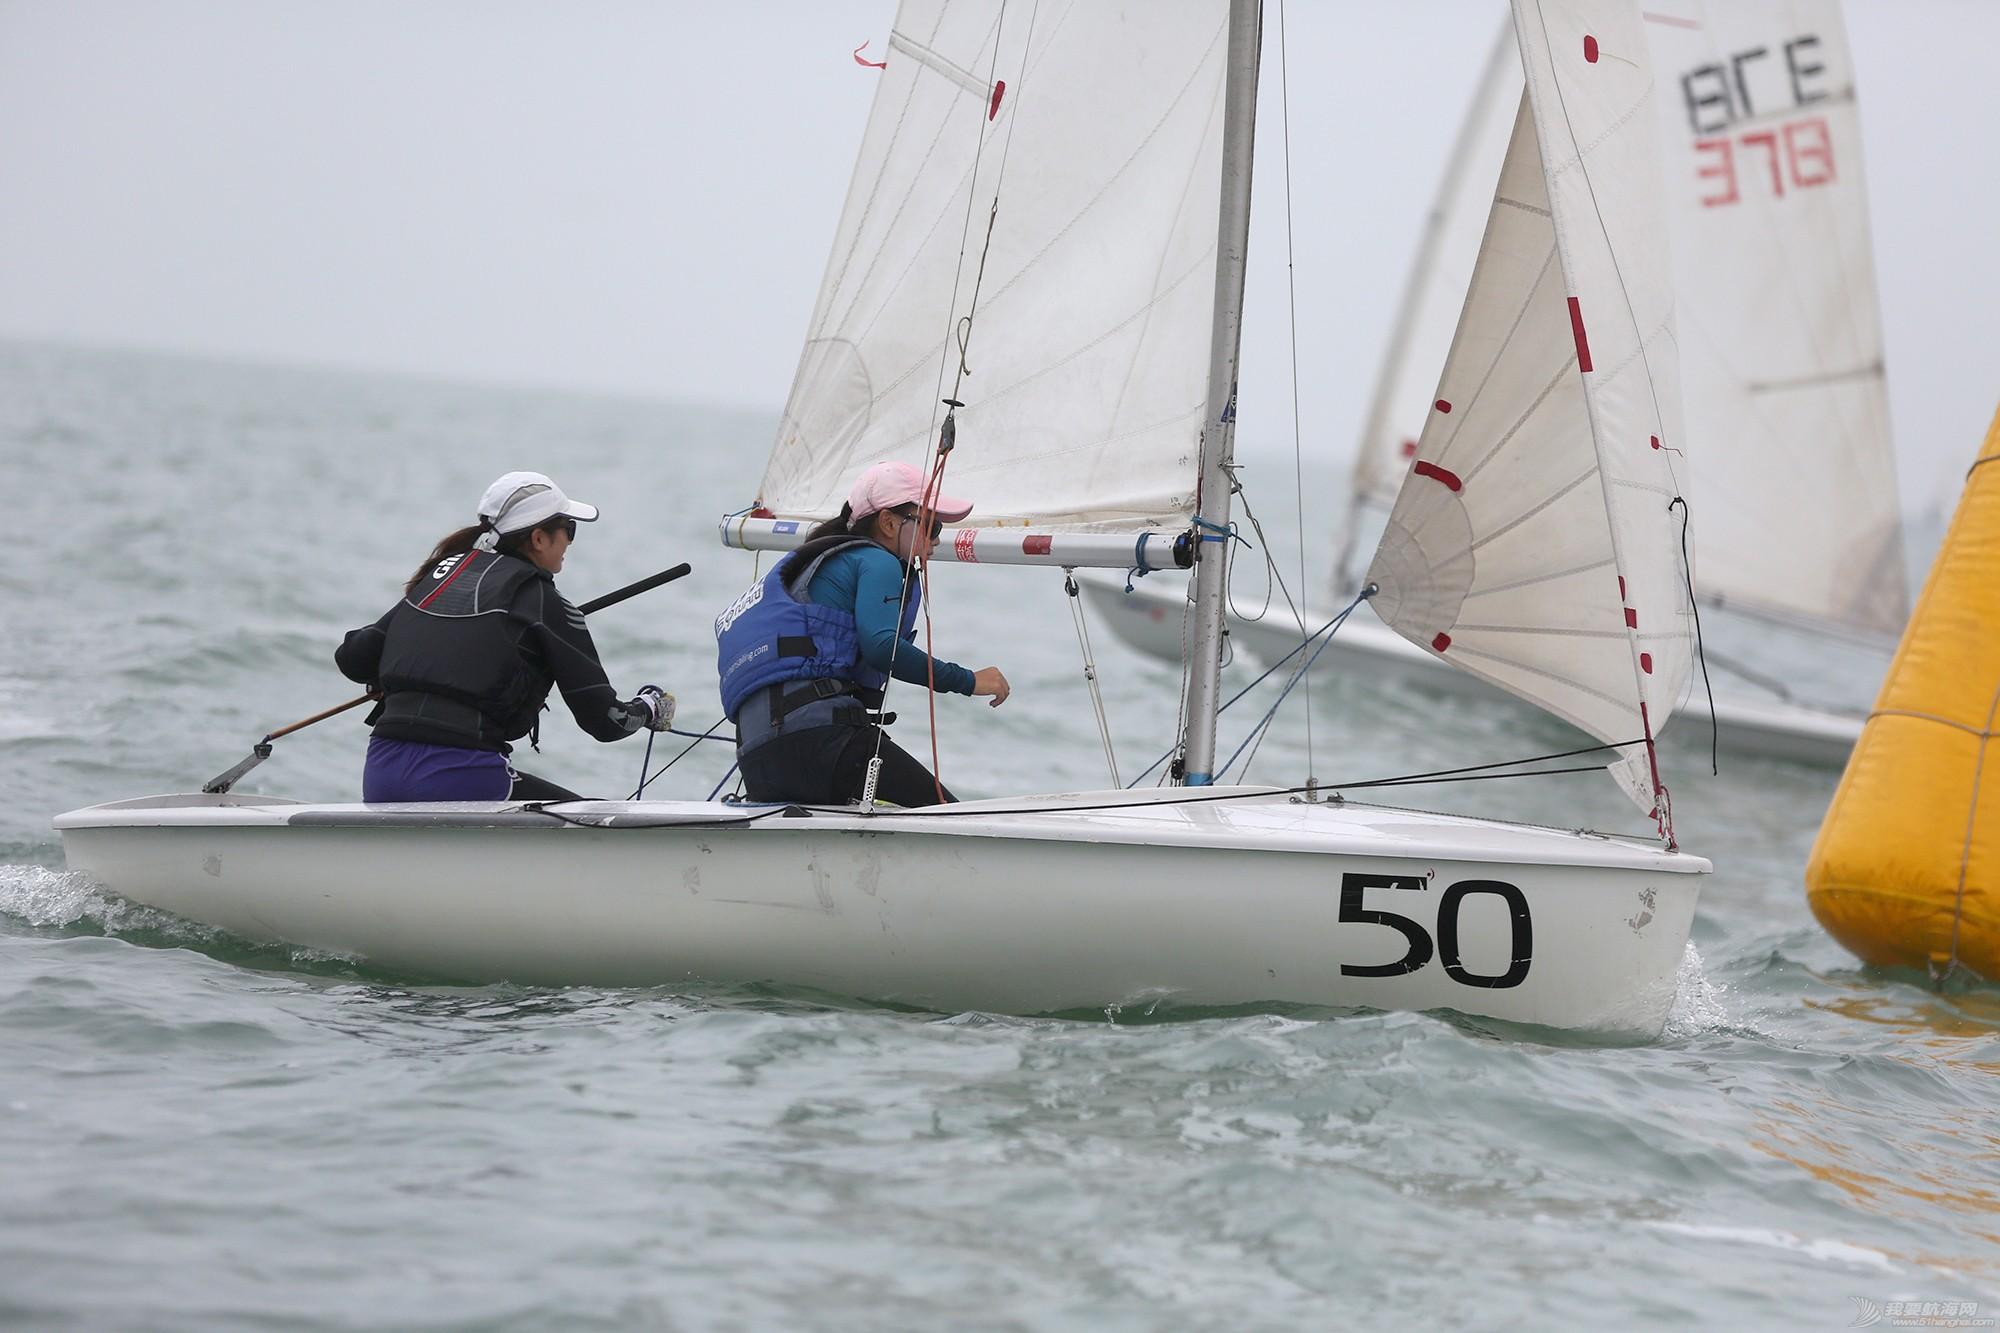 山东省,运动员,冠军赛,天气,帆板 风生水起,怎奈个个都是浪里白条——山东省帆船帆板冠军赛第二天赛况 5V8A2853副本.jpg